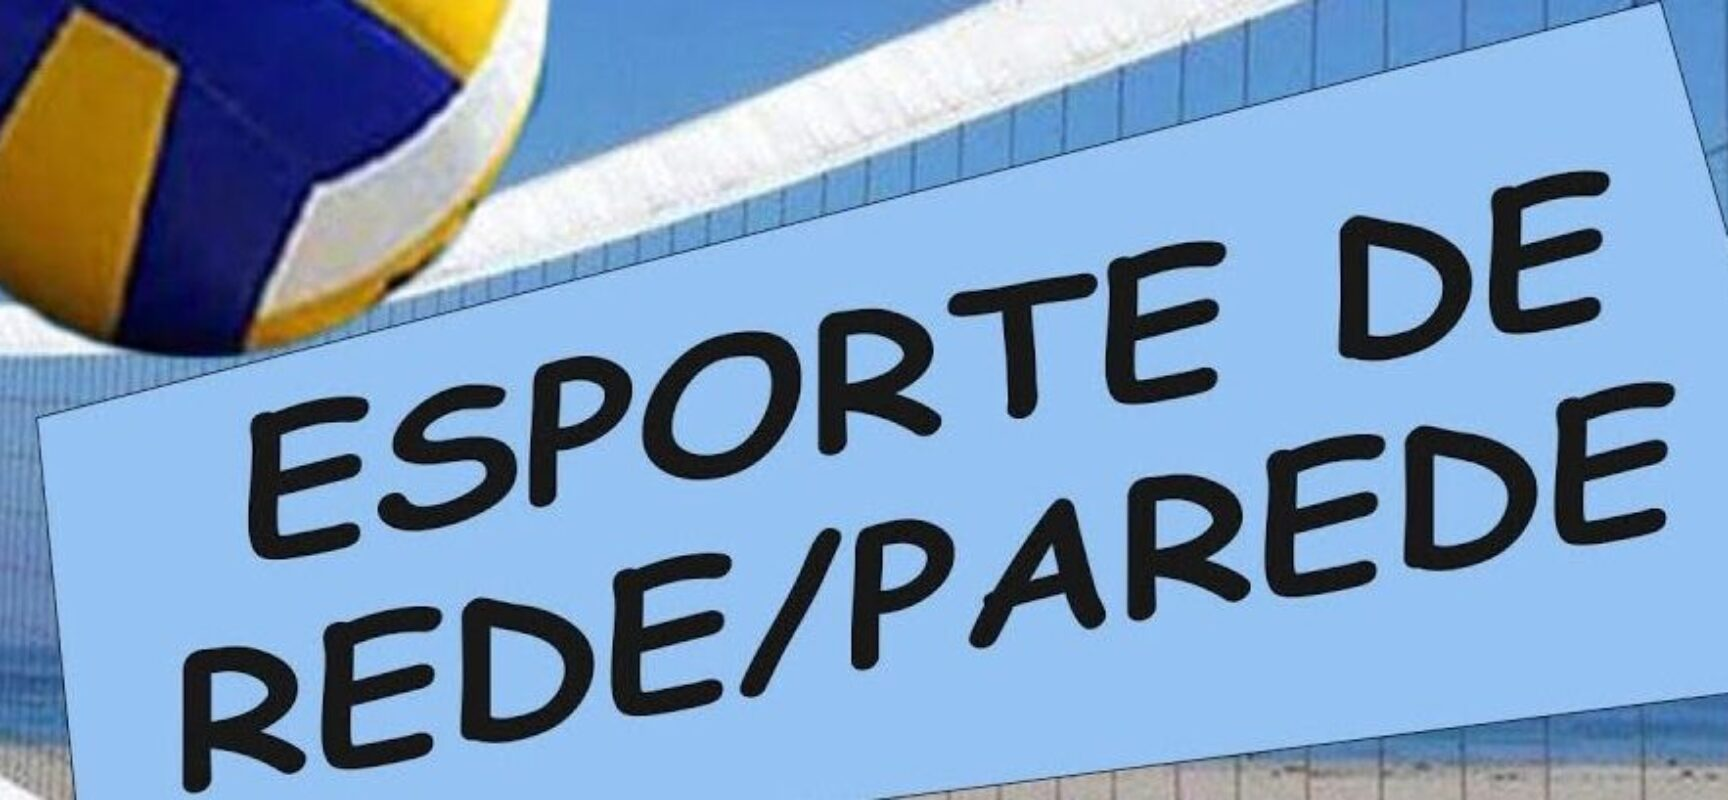 SECRETARIA DE ESPORTES: Festival reunirá diversas modalidades esportivas nesta terça em Taboquinhas